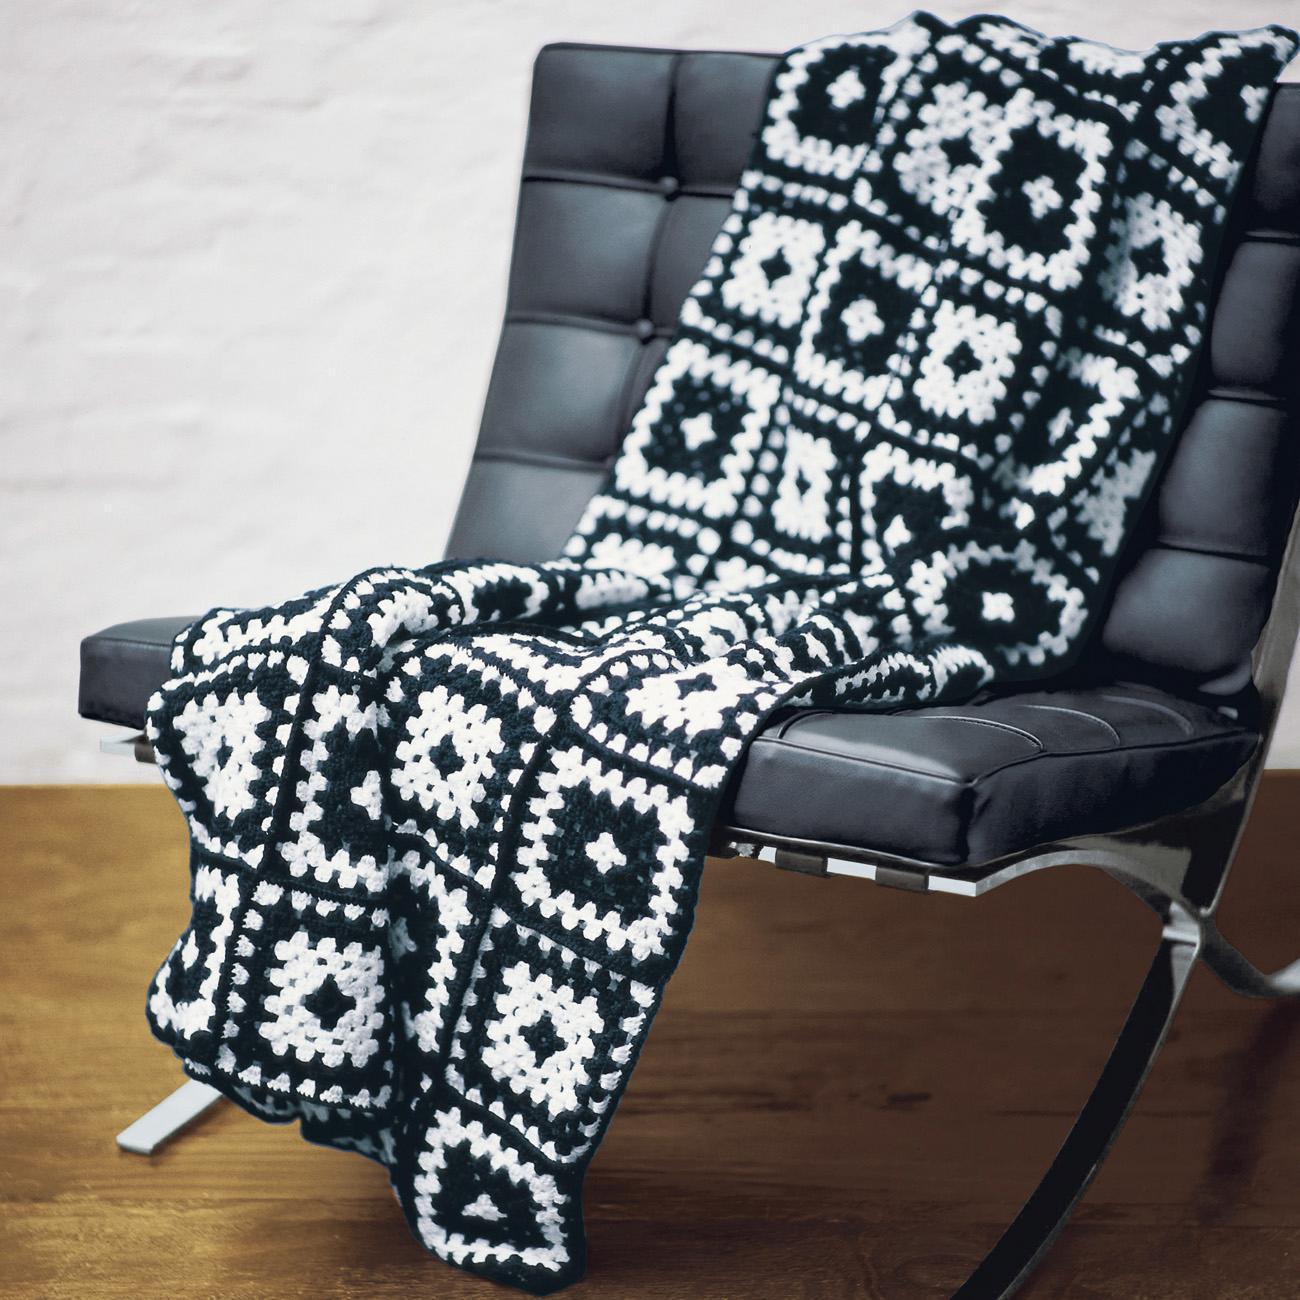 modell 192 7 geh kelte patchworkdecke aus poco von junghans wolle sch nes f r zuhause. Black Bedroom Furniture Sets. Home Design Ideas